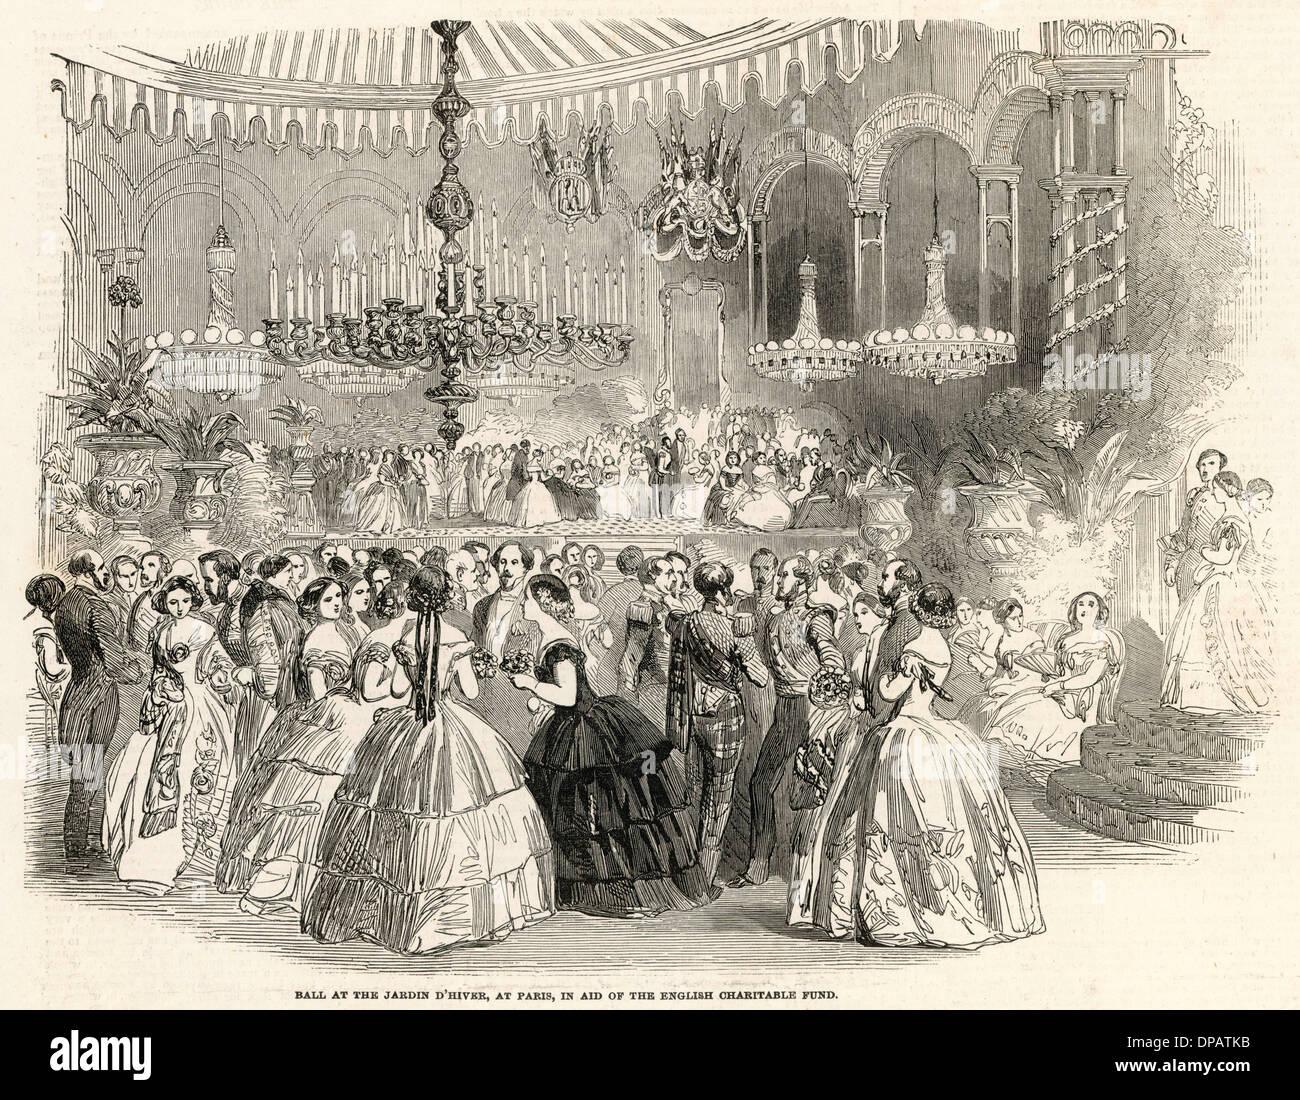 BALL AT PARIS 1854 Stock Photo - Alamy